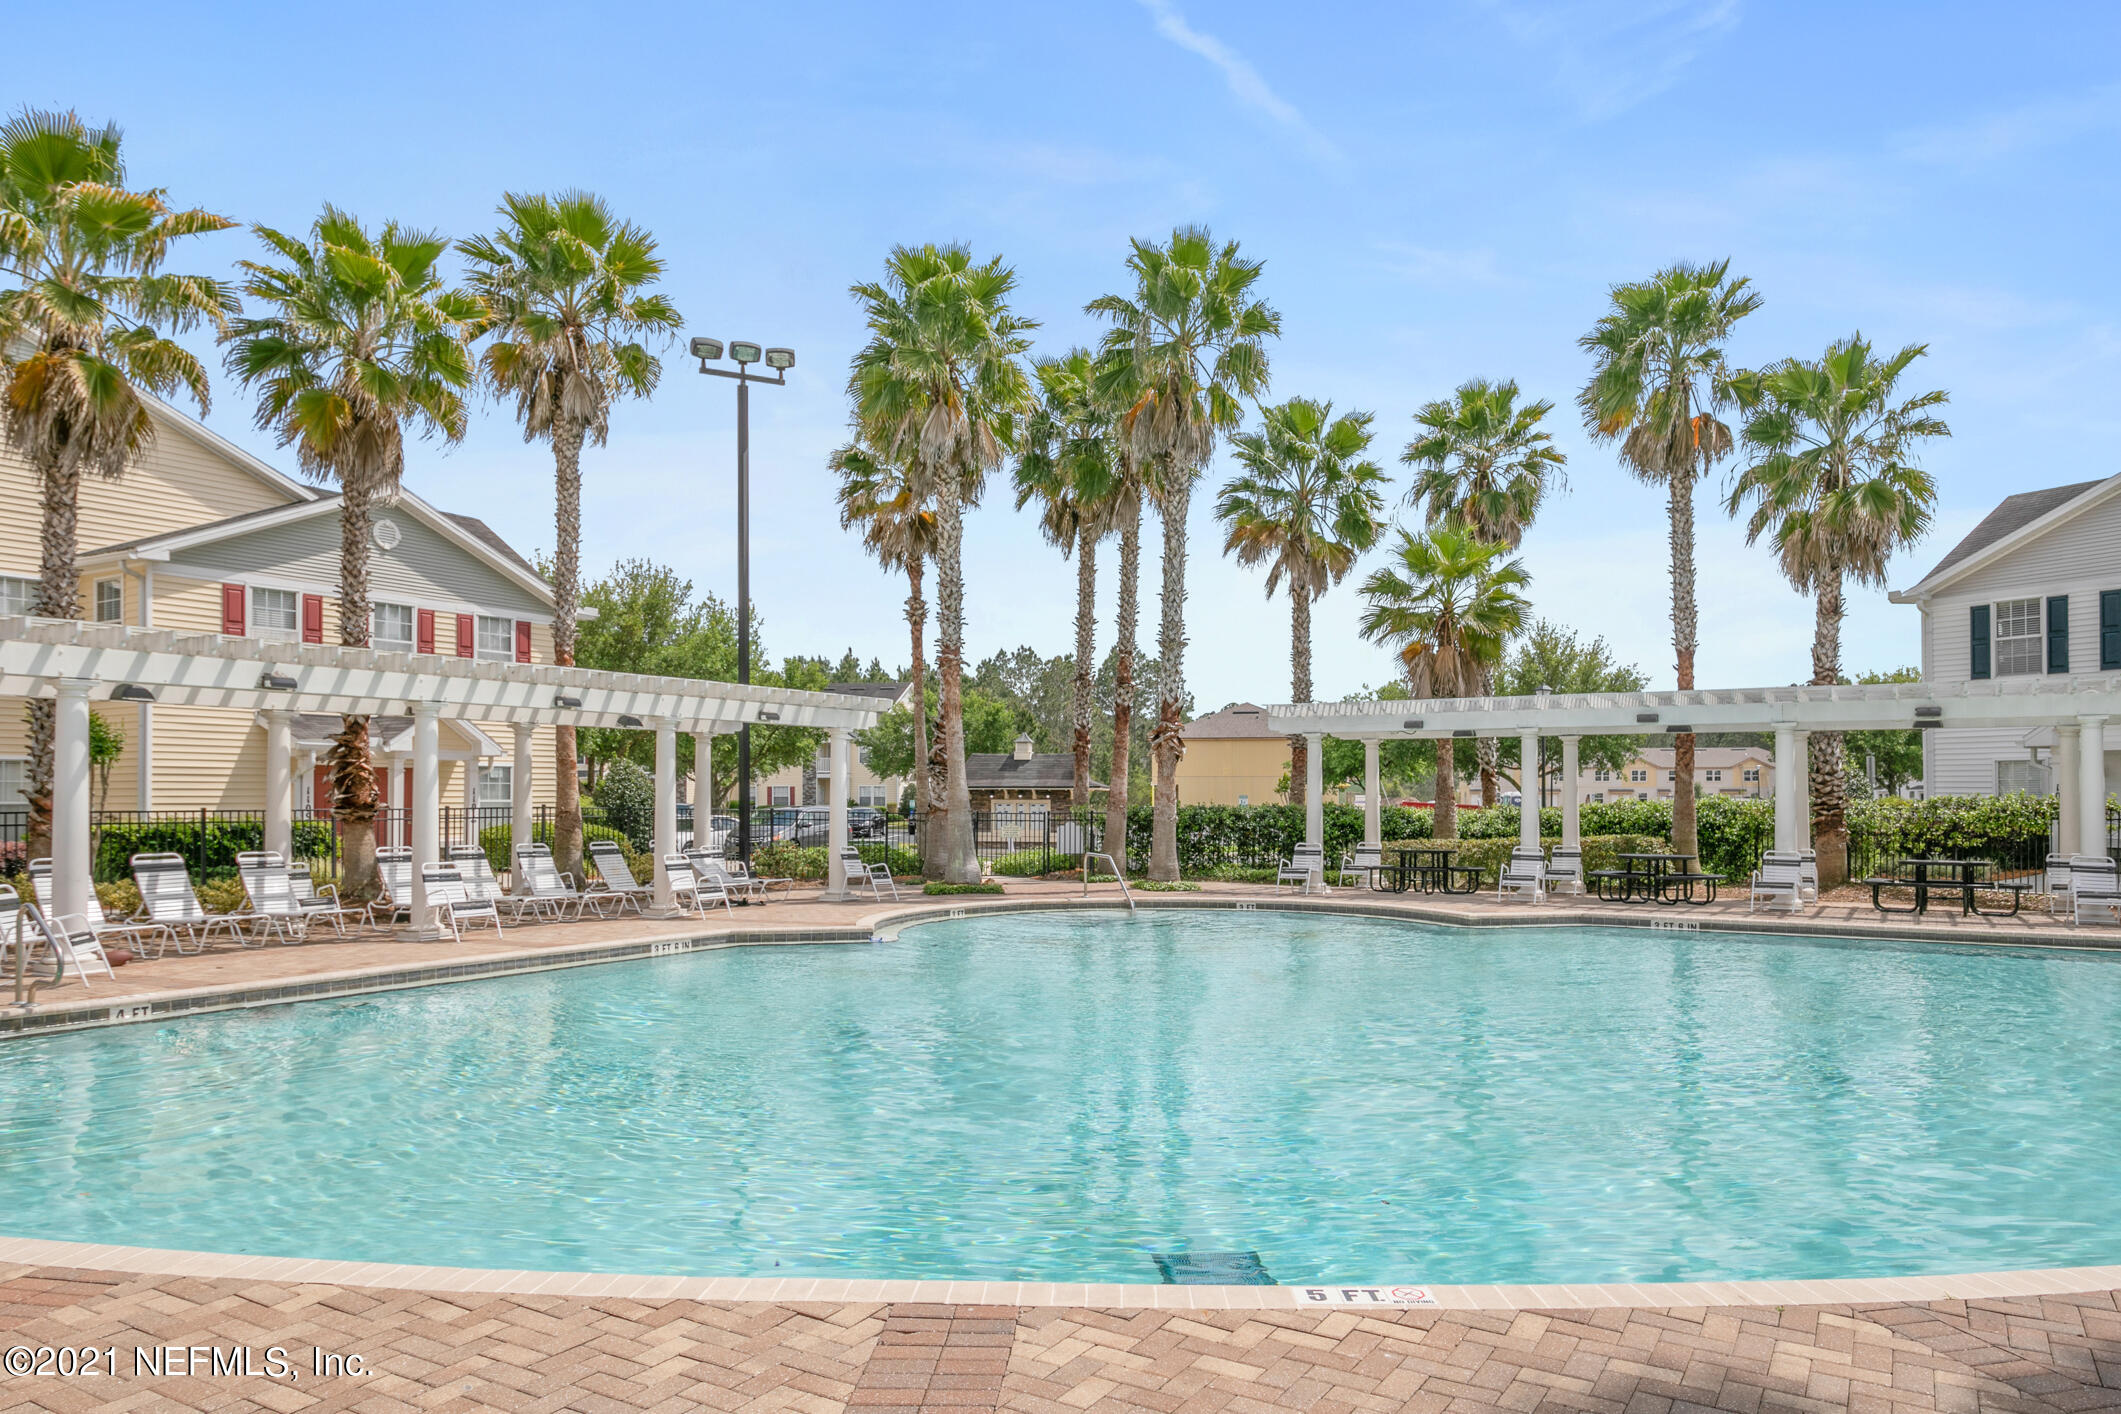 575 OAKLEAF PLANTATION, ORANGE PARK, FLORIDA 32065, 2 Bedrooms Bedrooms, ,2 BathroomsBathrooms,Residential,For sale,OAKLEAF PLANTATION,1101517